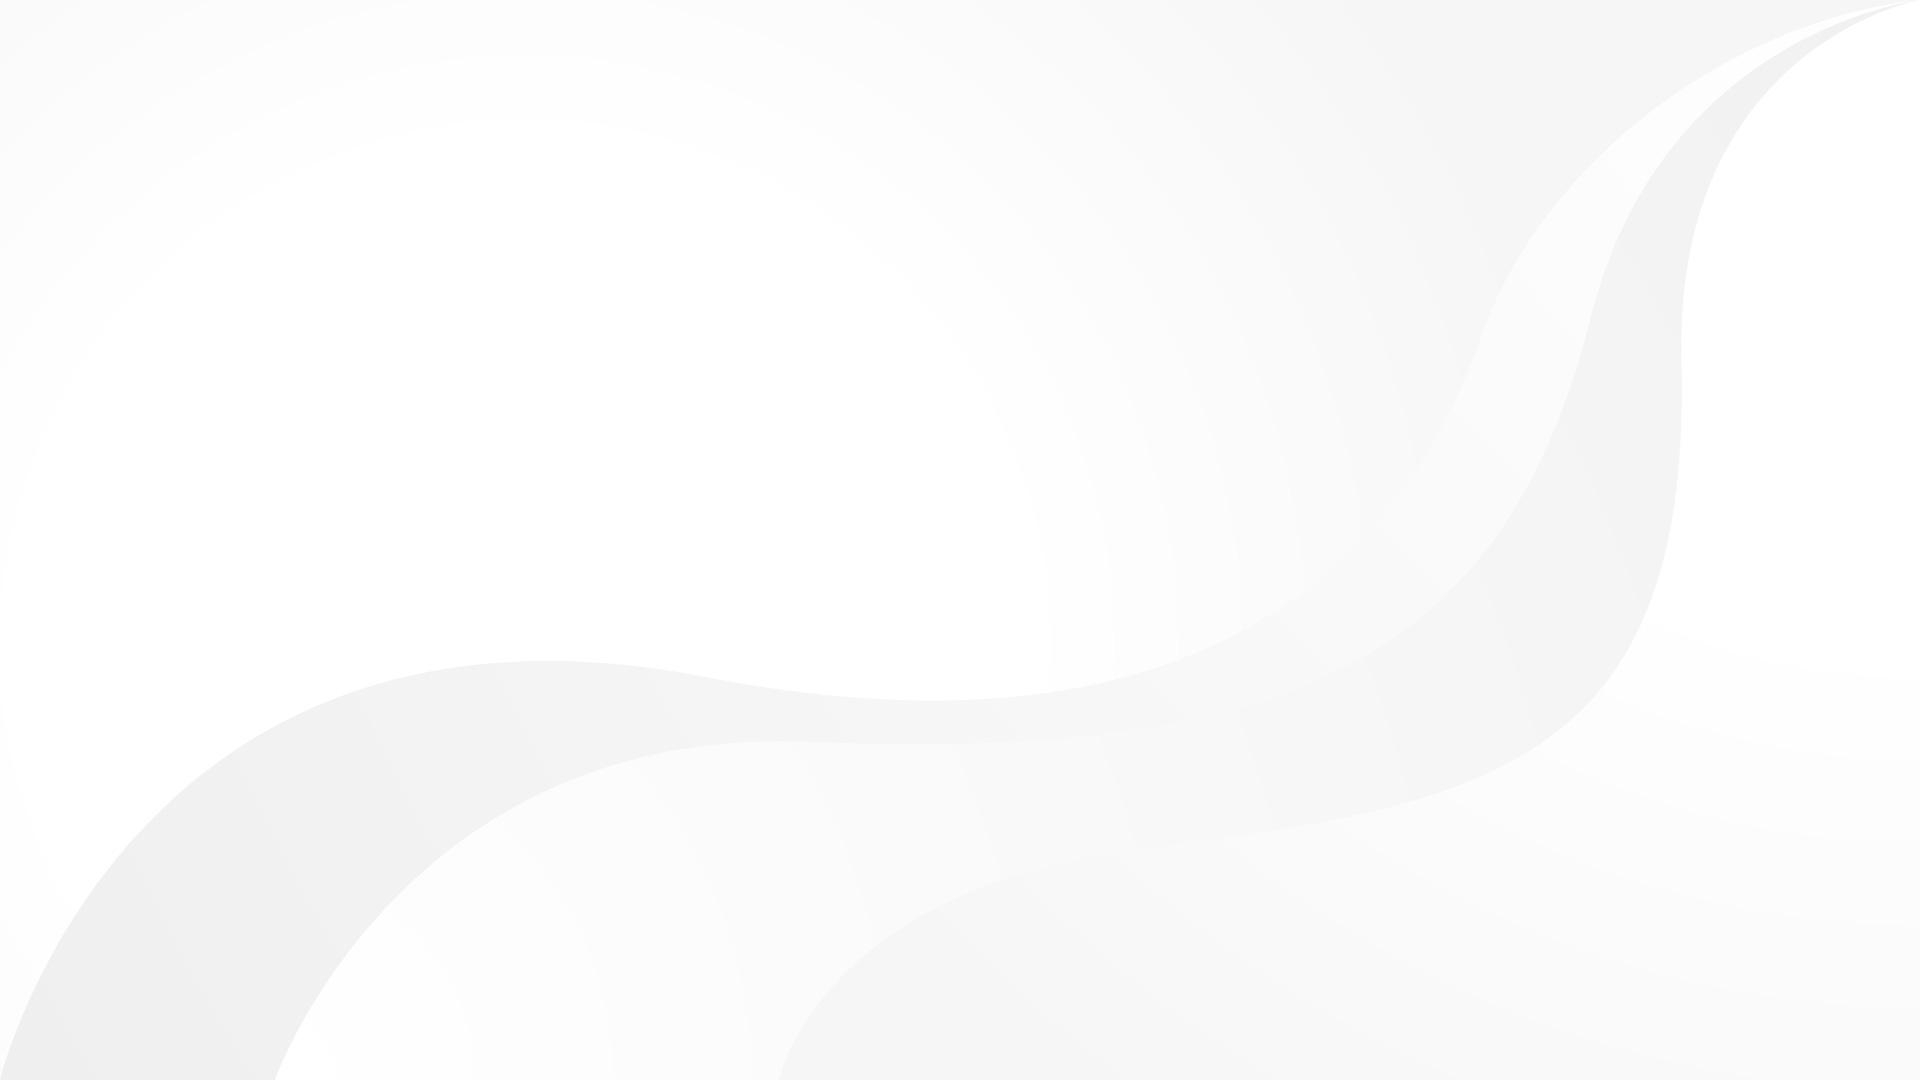 Kumpulan Background Putih yang Indah Full HD 1080p Mas Vian